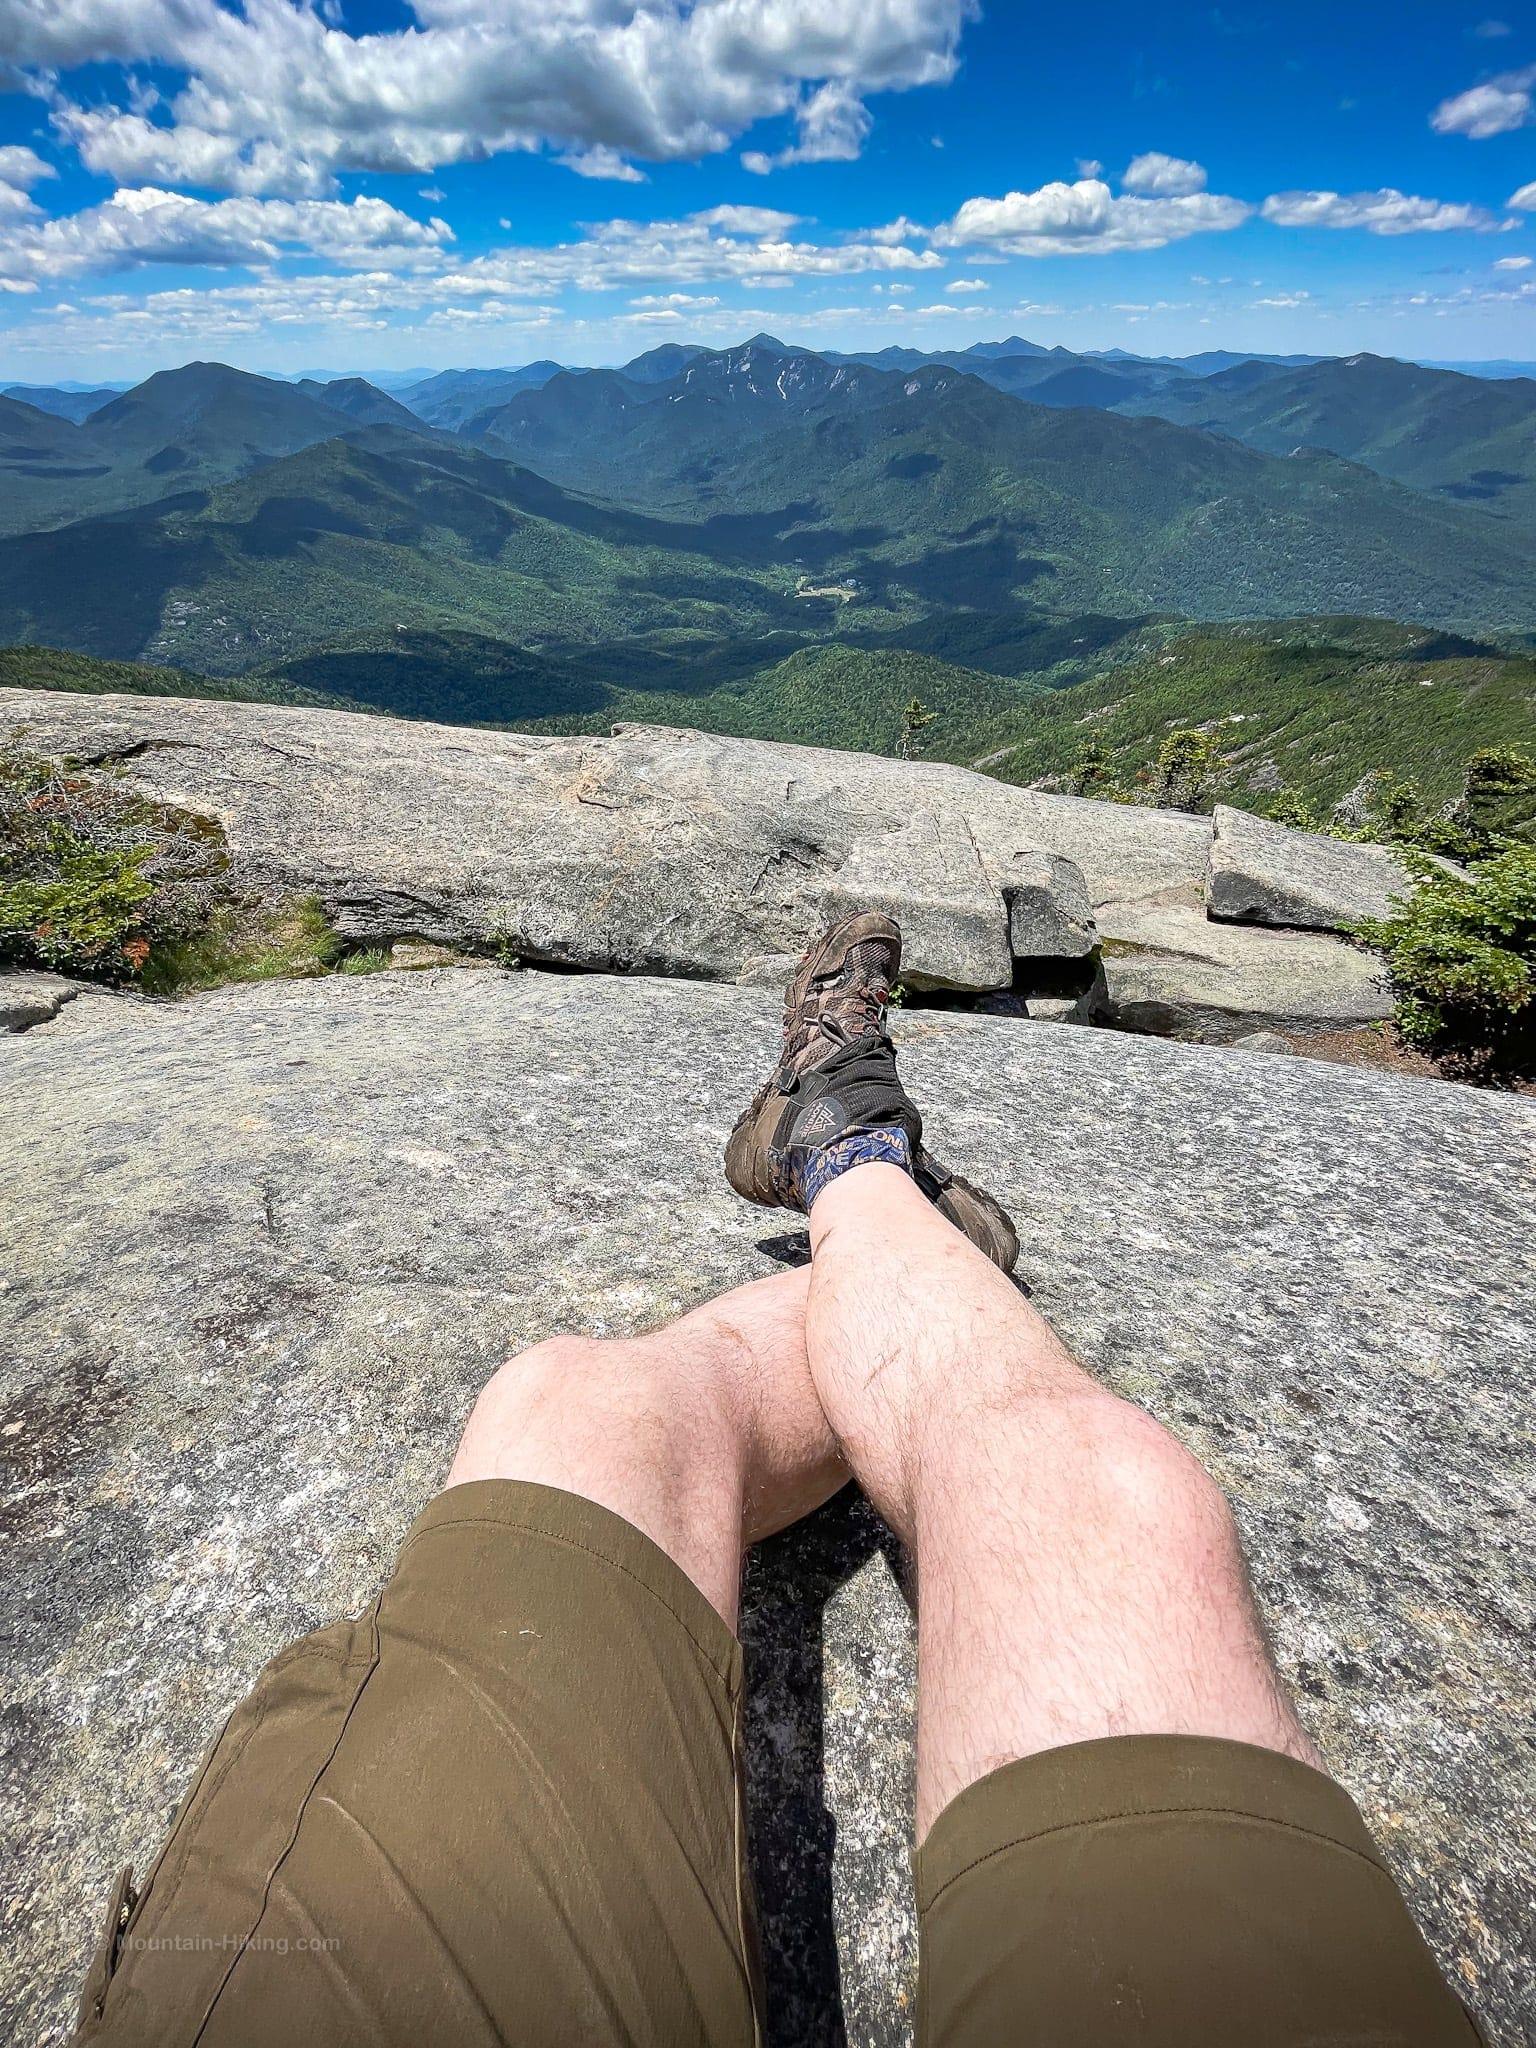 hiking shorts on hiker on mountain summit